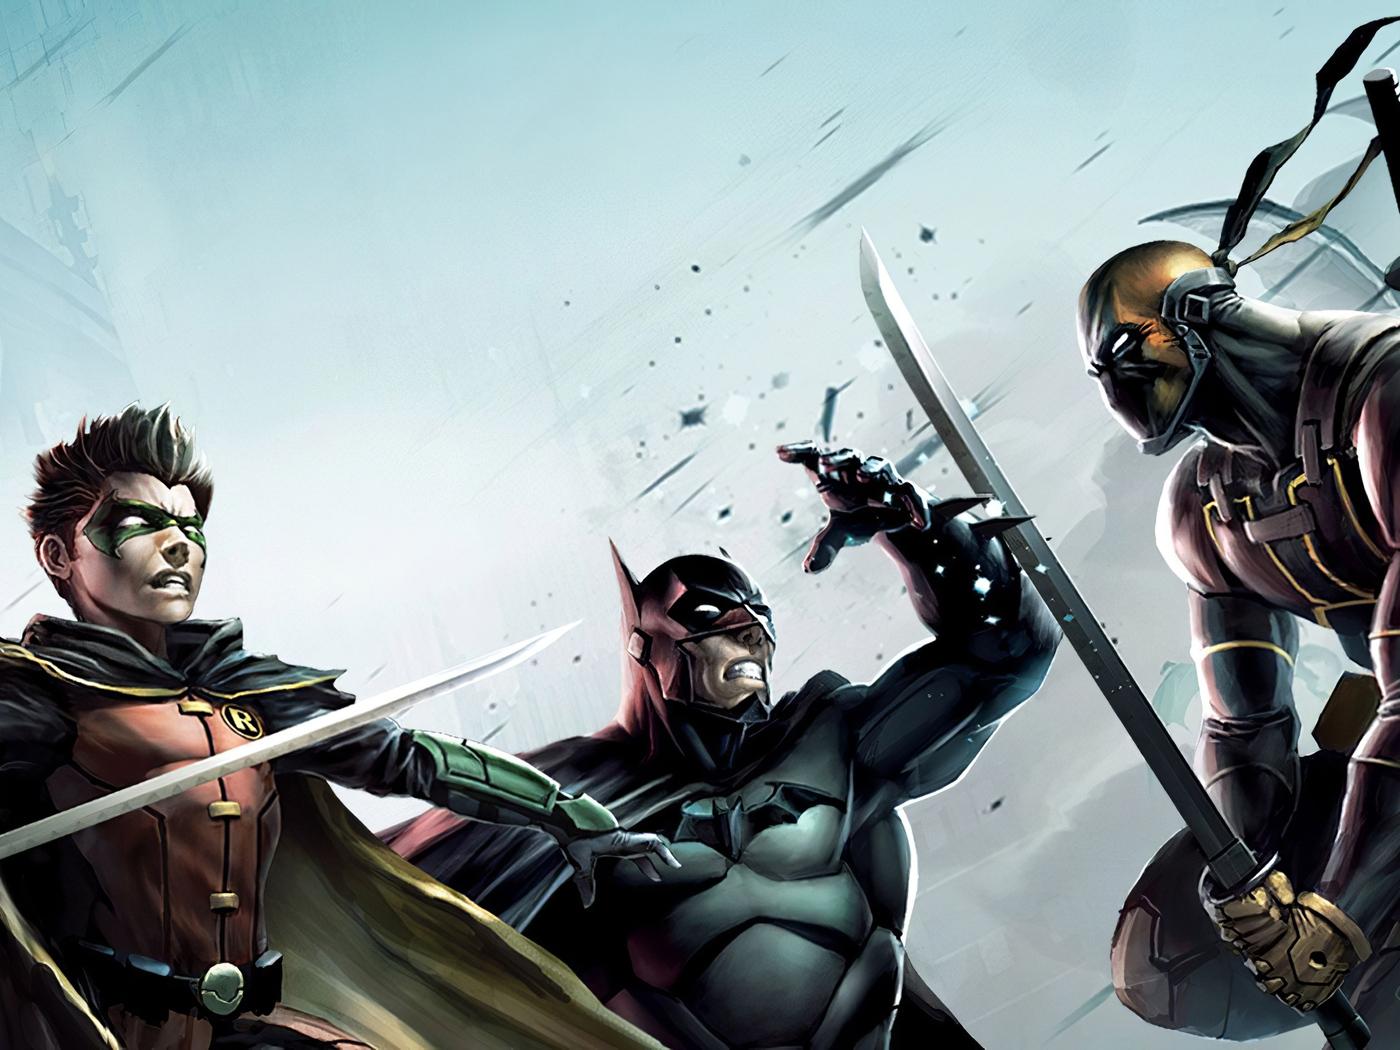 batman-robin-deathstroke-co.jpg